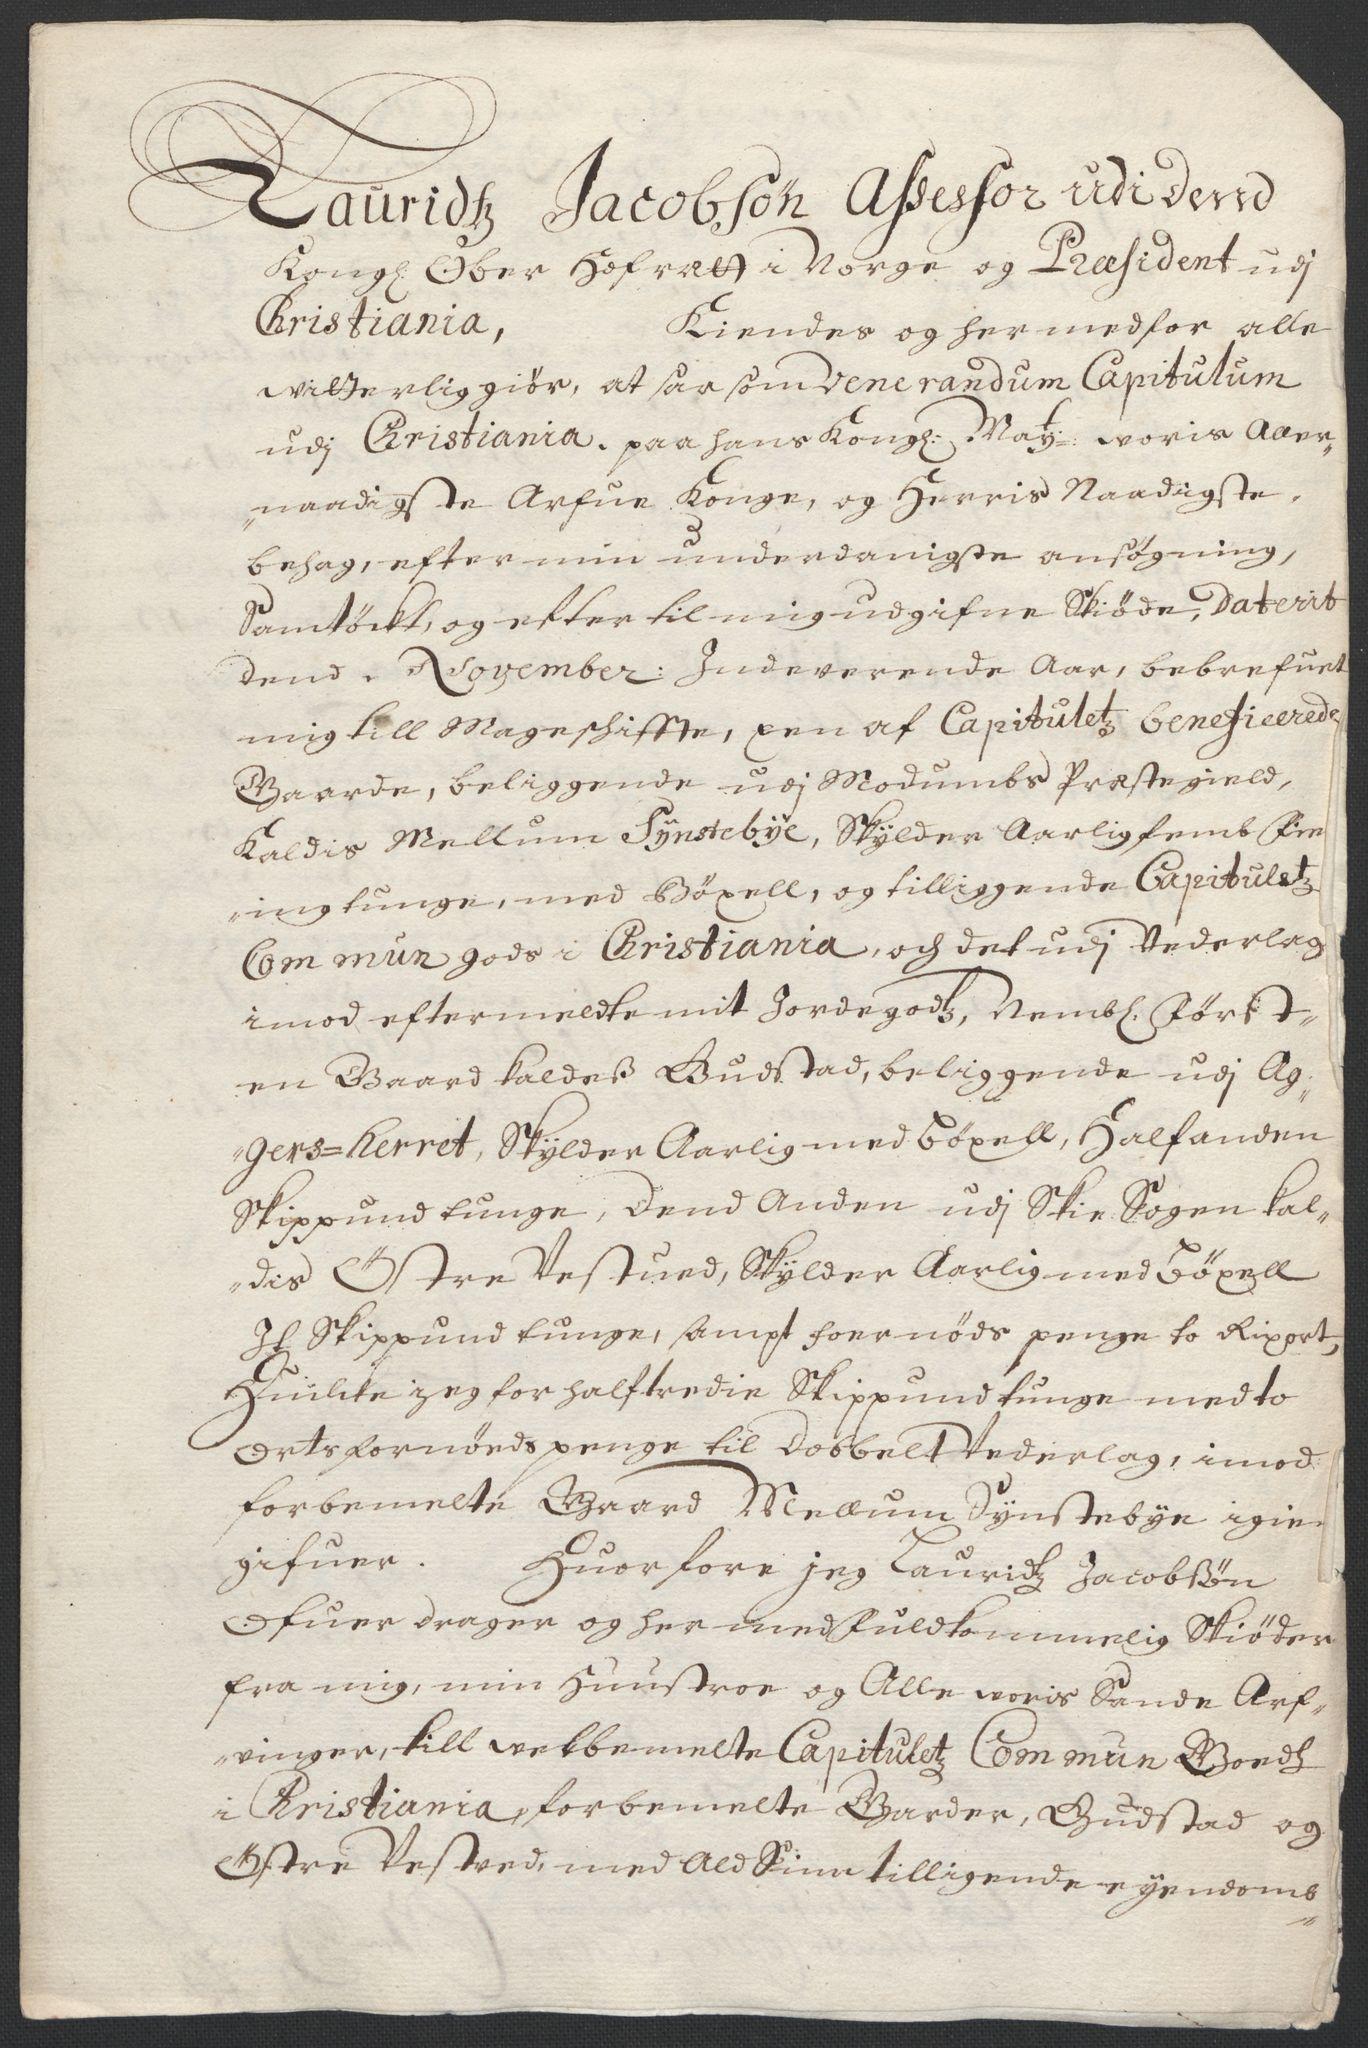 RA, Rentekammeret inntil 1814, Reviderte regnskaper, Fogderegnskap, R08/L0422: Fogderegnskap Aker, 1684-1686, s. 238